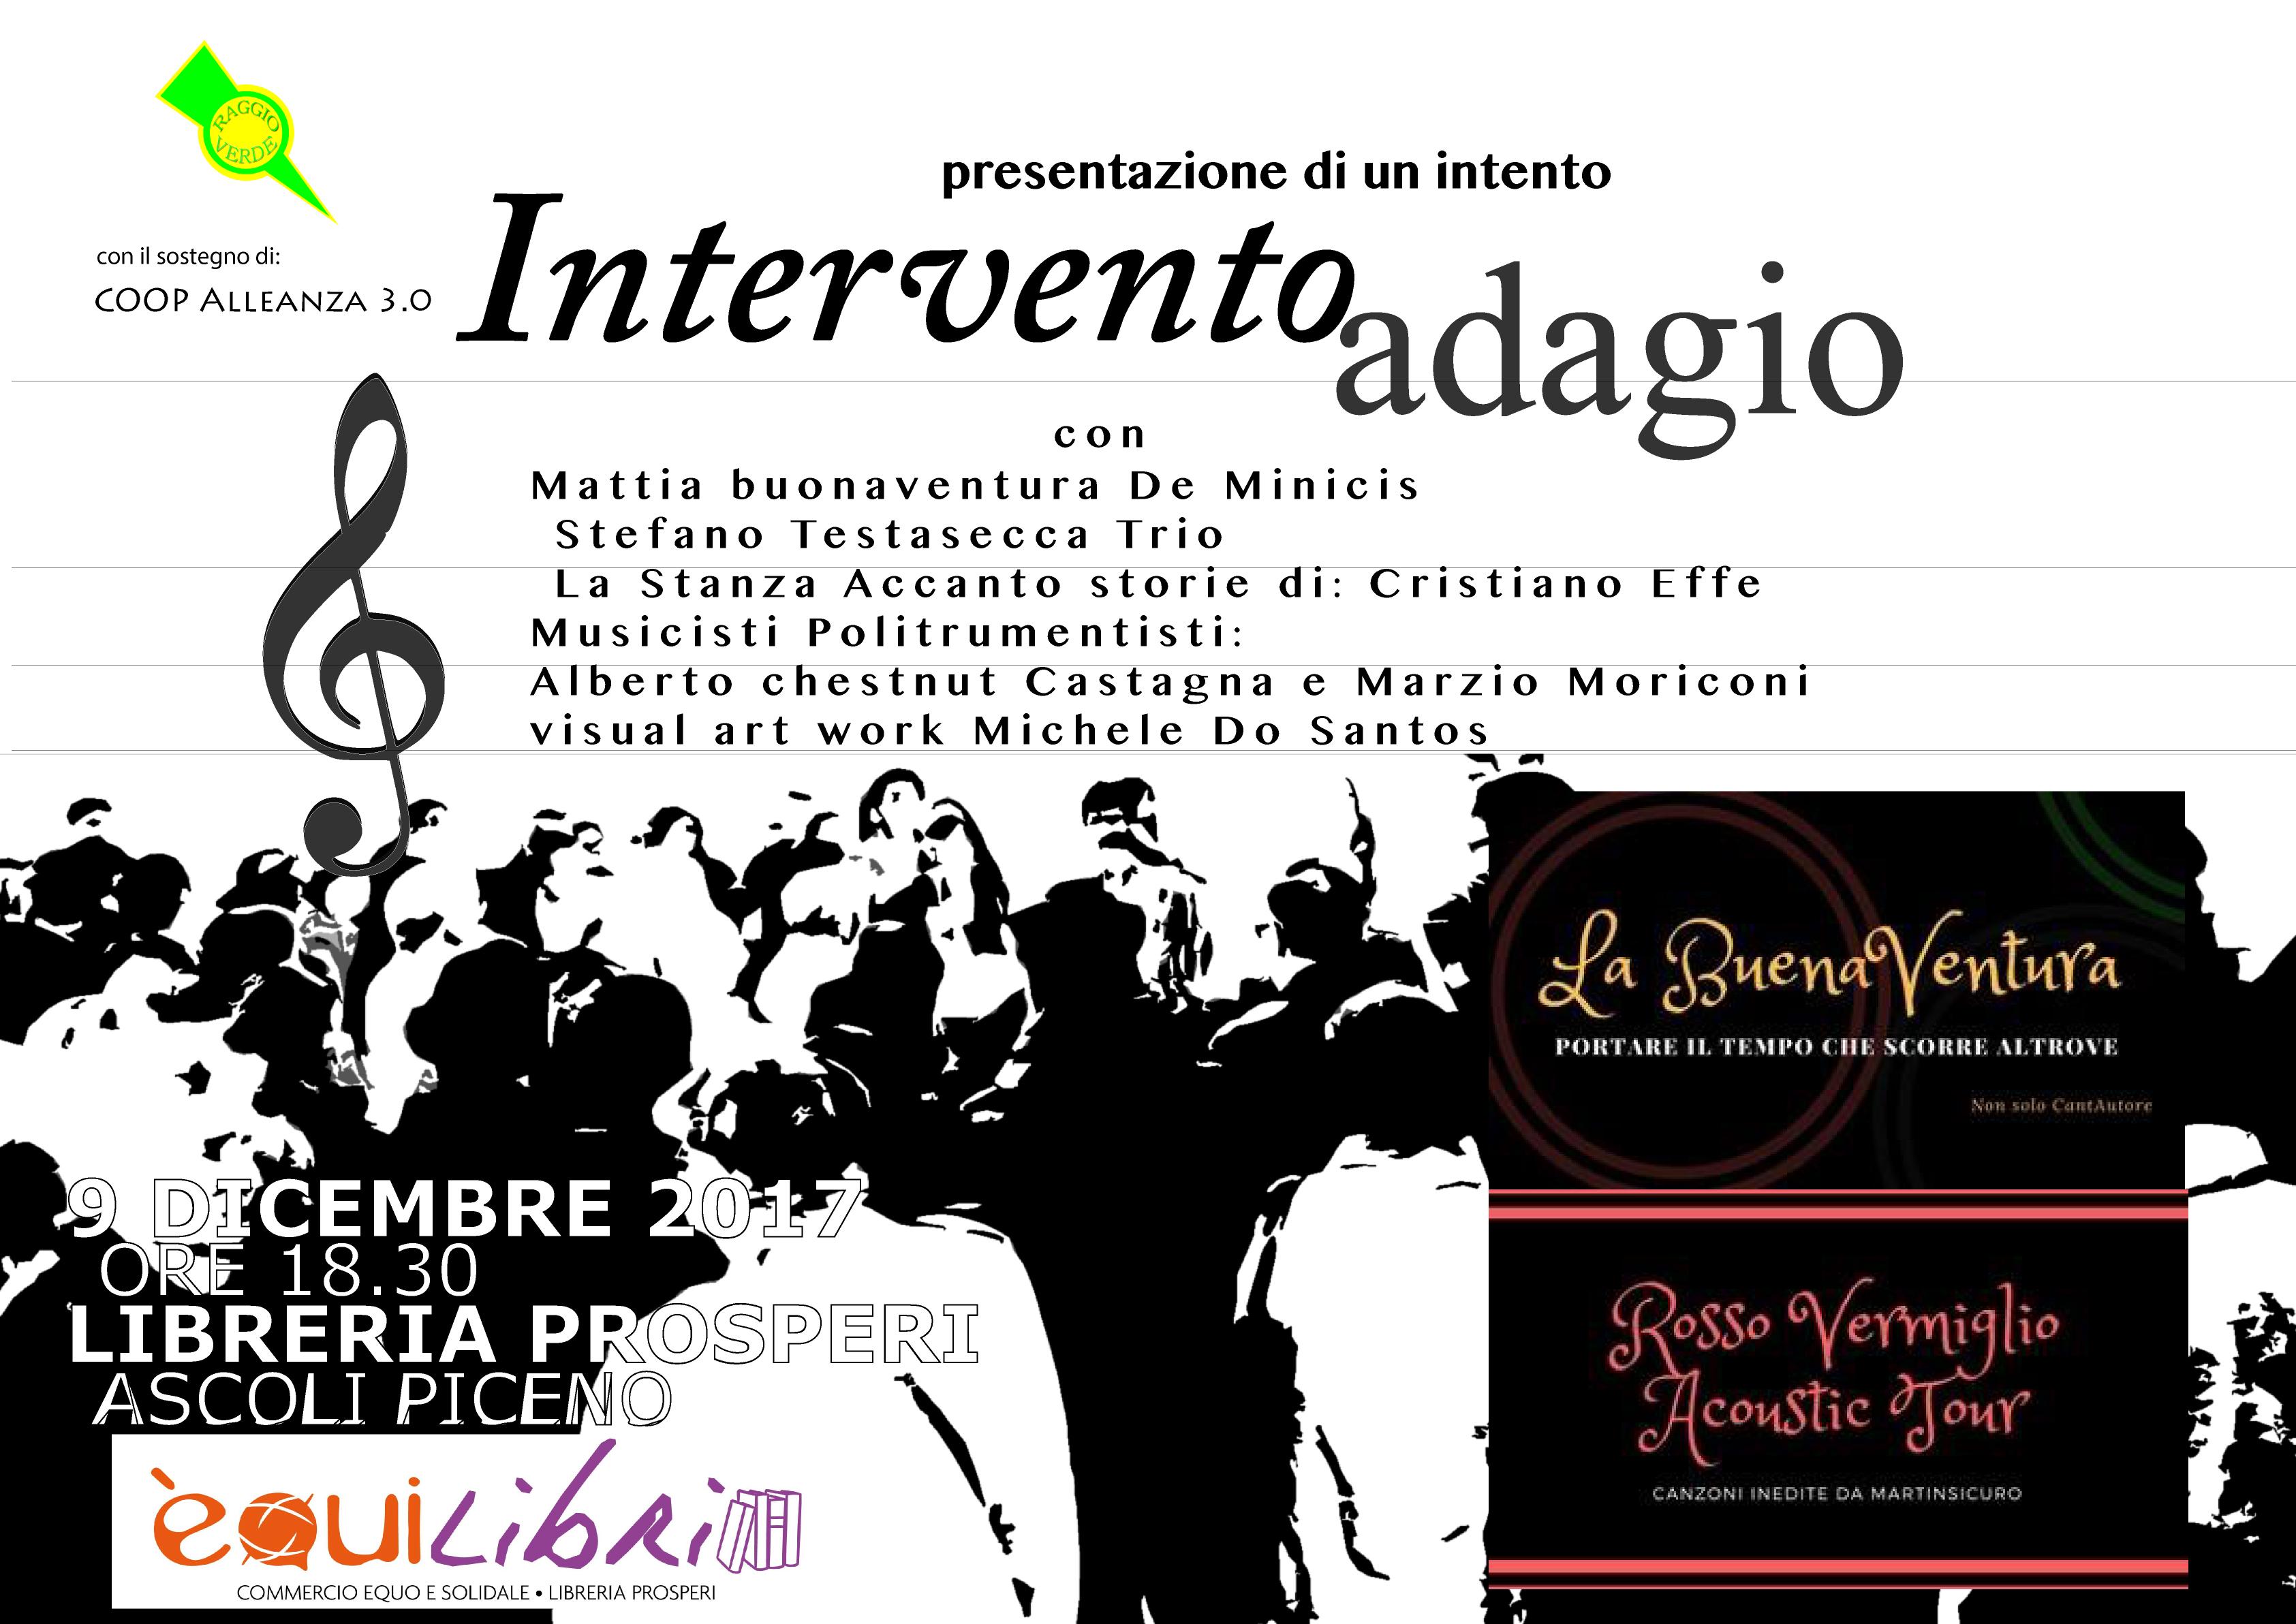 Locandina-Inervento-Adagio-2017